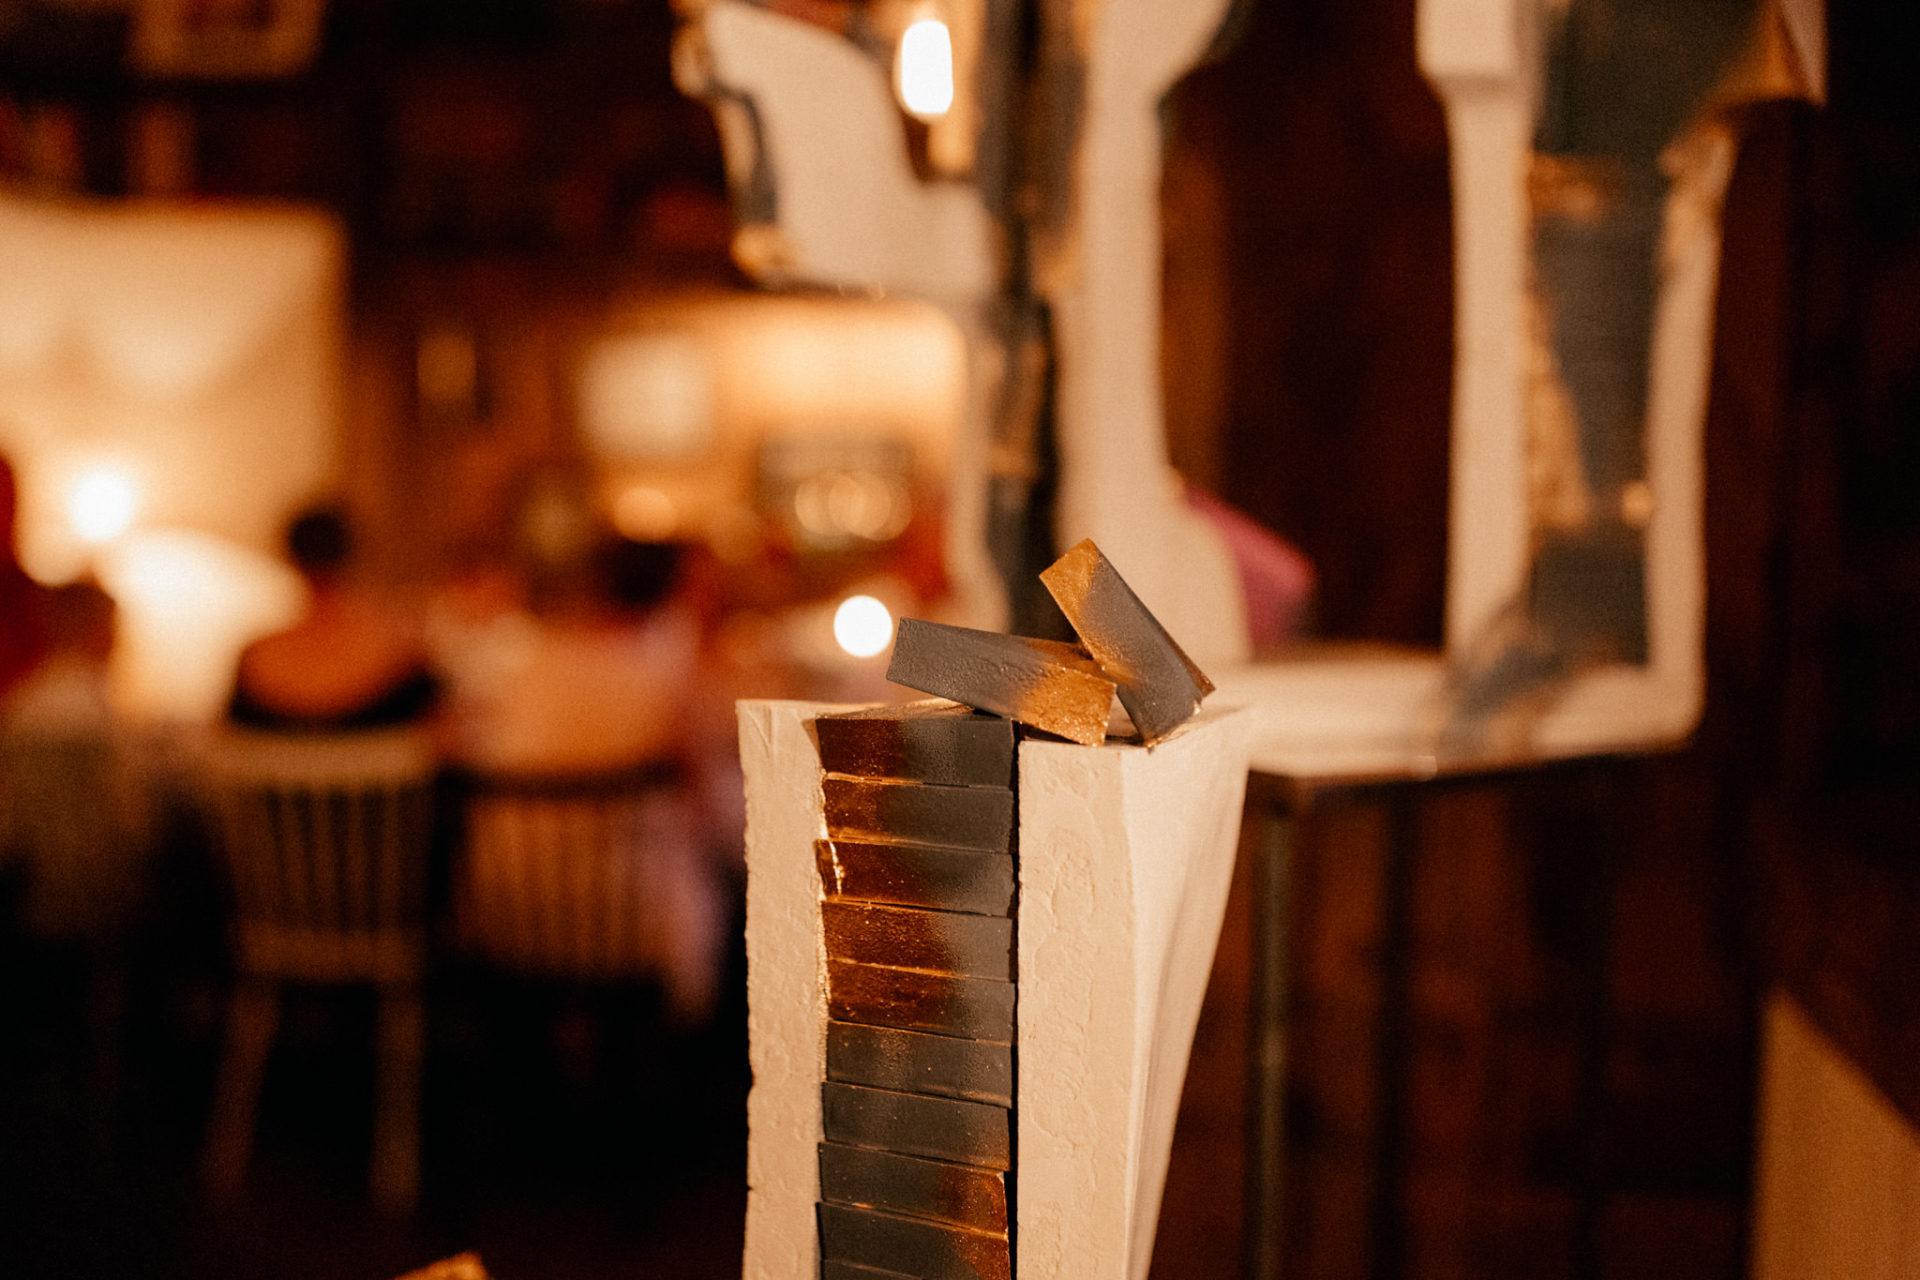 dokumentarische ungestellte kreative hochzeitsfotografie-hochzeitsfotograf berlin-katz orange party-hamburger Bahnhof Feier-eleganze exklusive berlin Hochzeit-hauptstadthochzeit-internationle deutsch amerikanische Hochzeitsgesellschaft